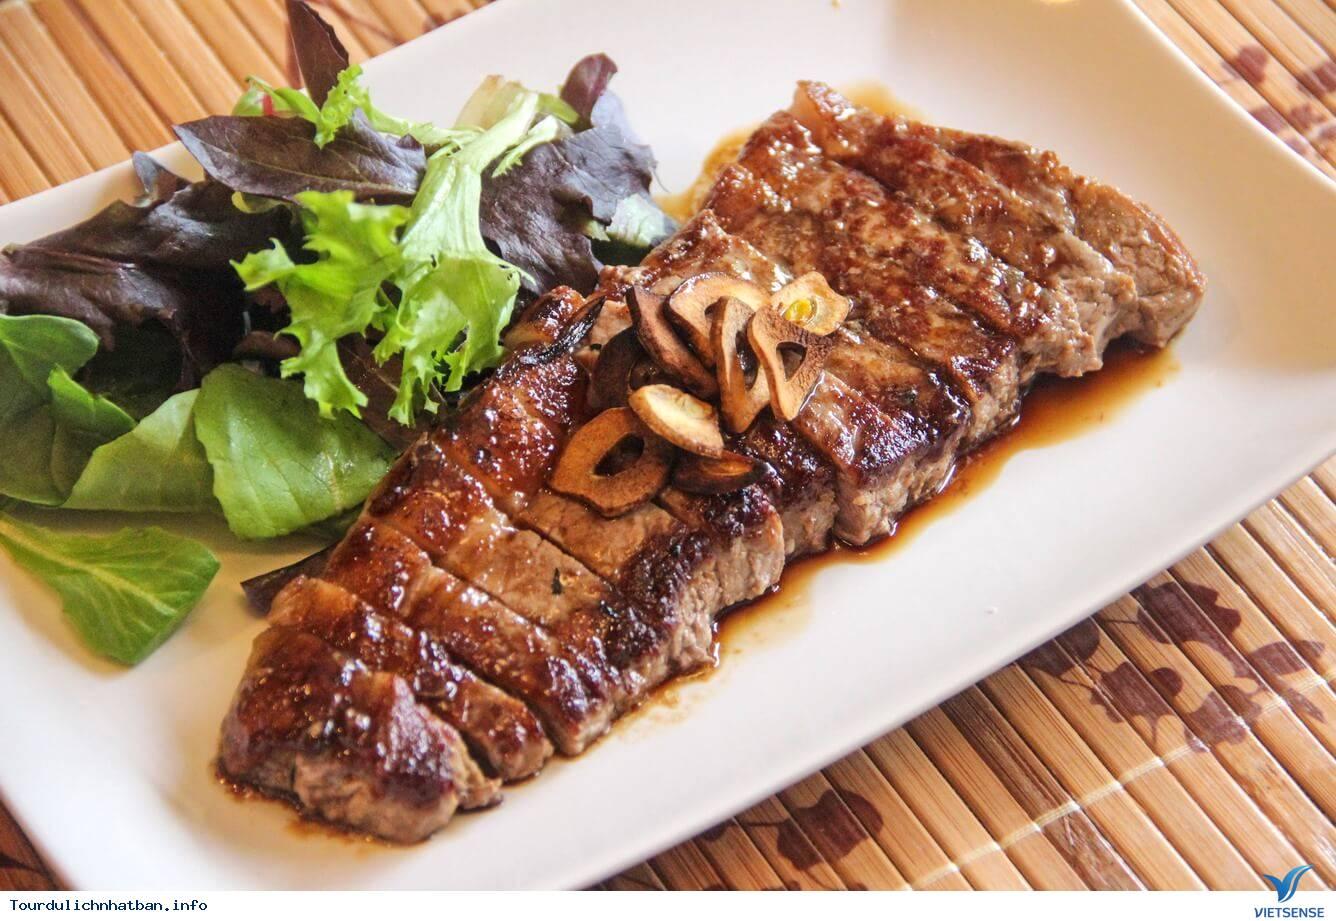 Thịt bò Nhật Steak Recipe - Tour du lịch Nhật Bản,thit bo nhat steak recipe  tour du lich nhat ban